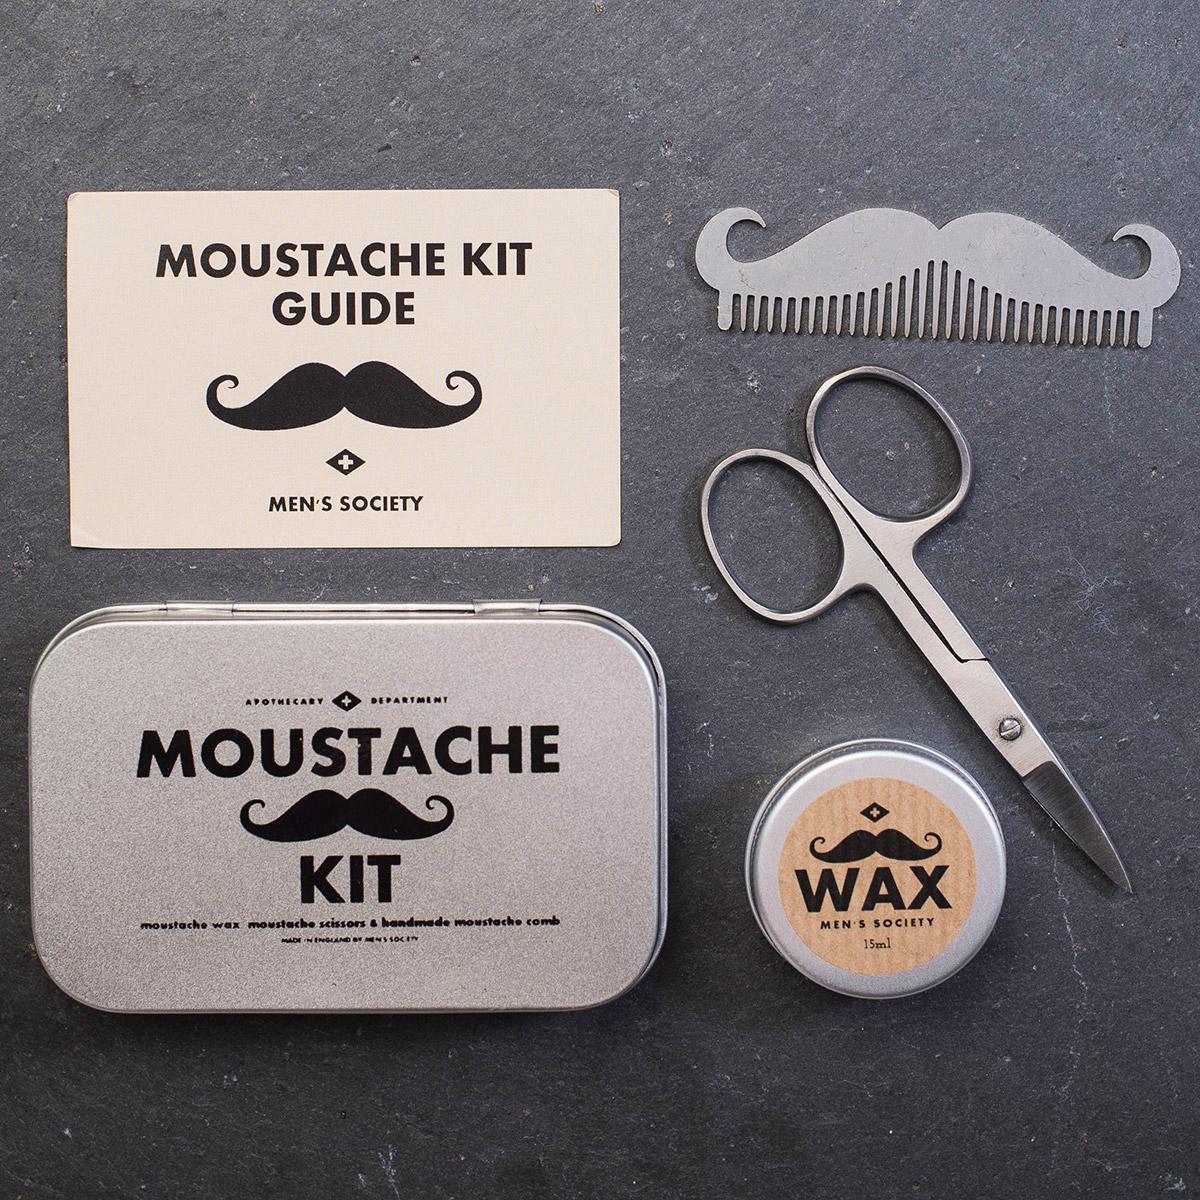 moustache grooming kit. Black Bedroom Furniture Sets. Home Design Ideas